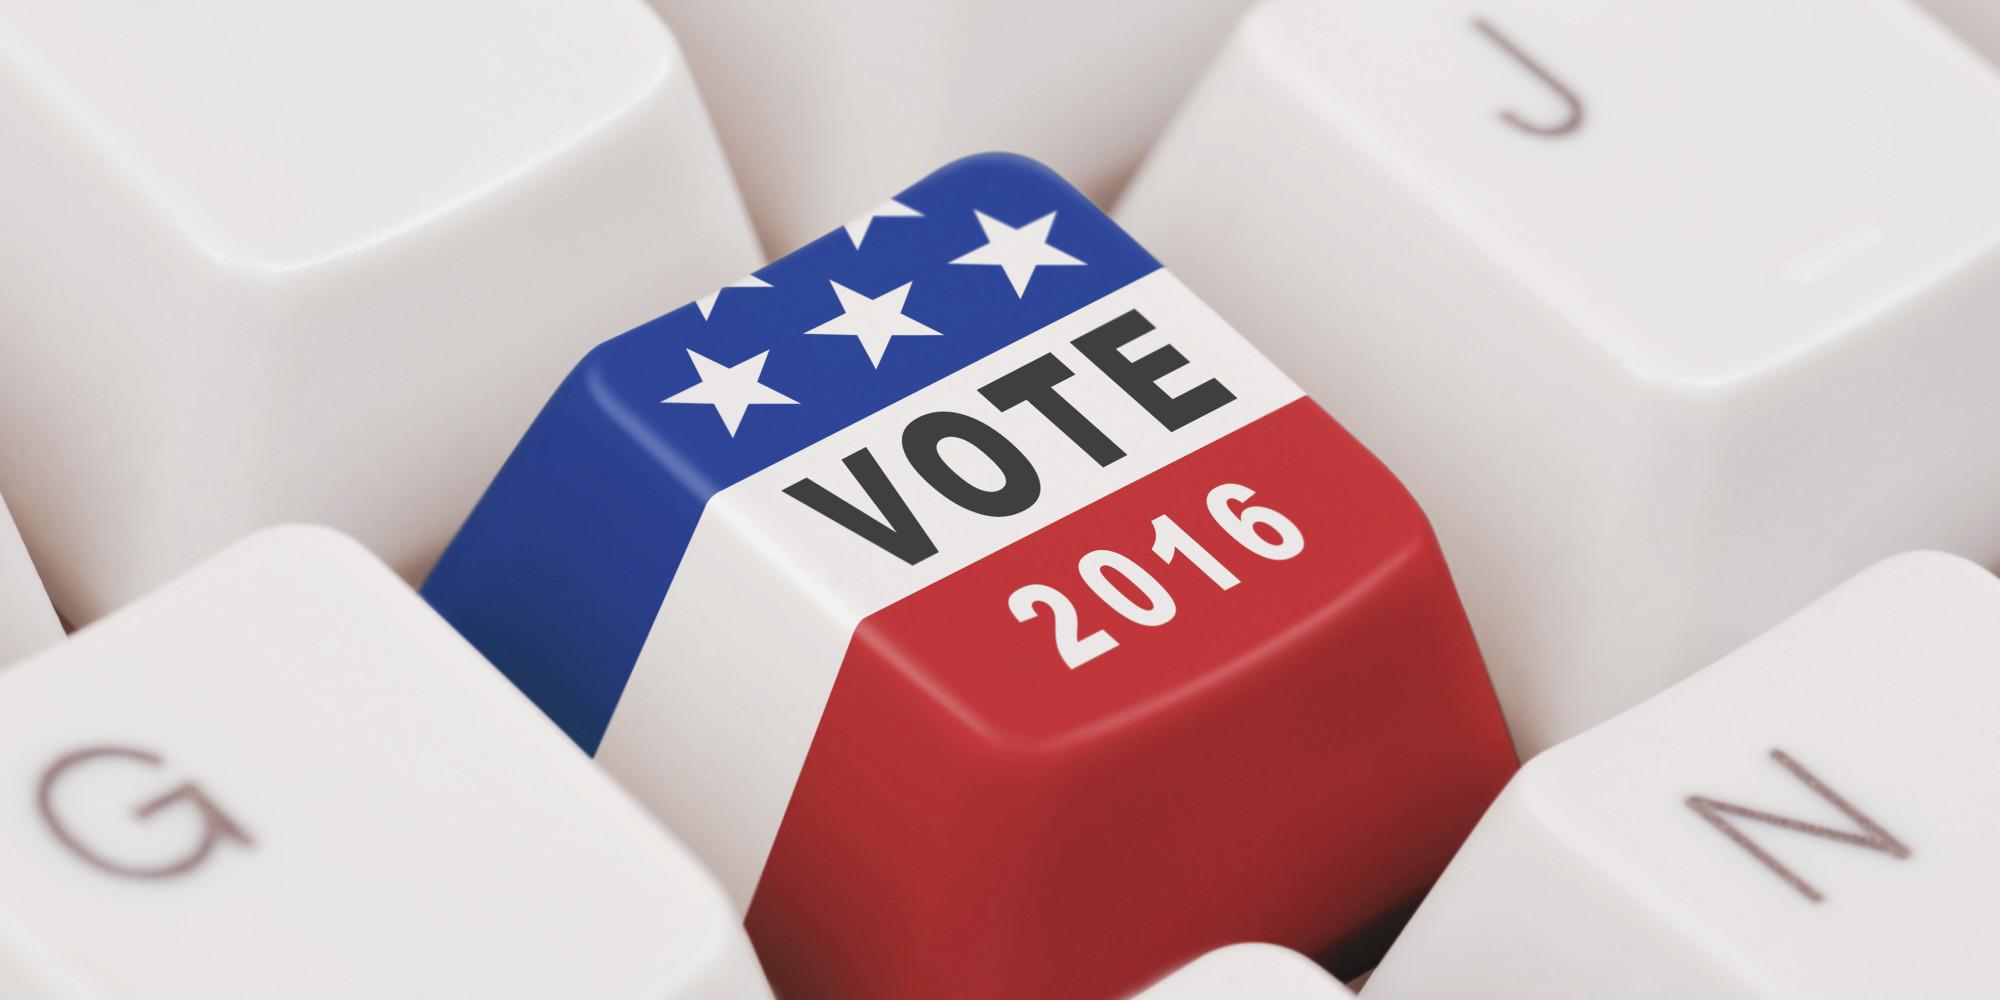 2016 pres campaign vote